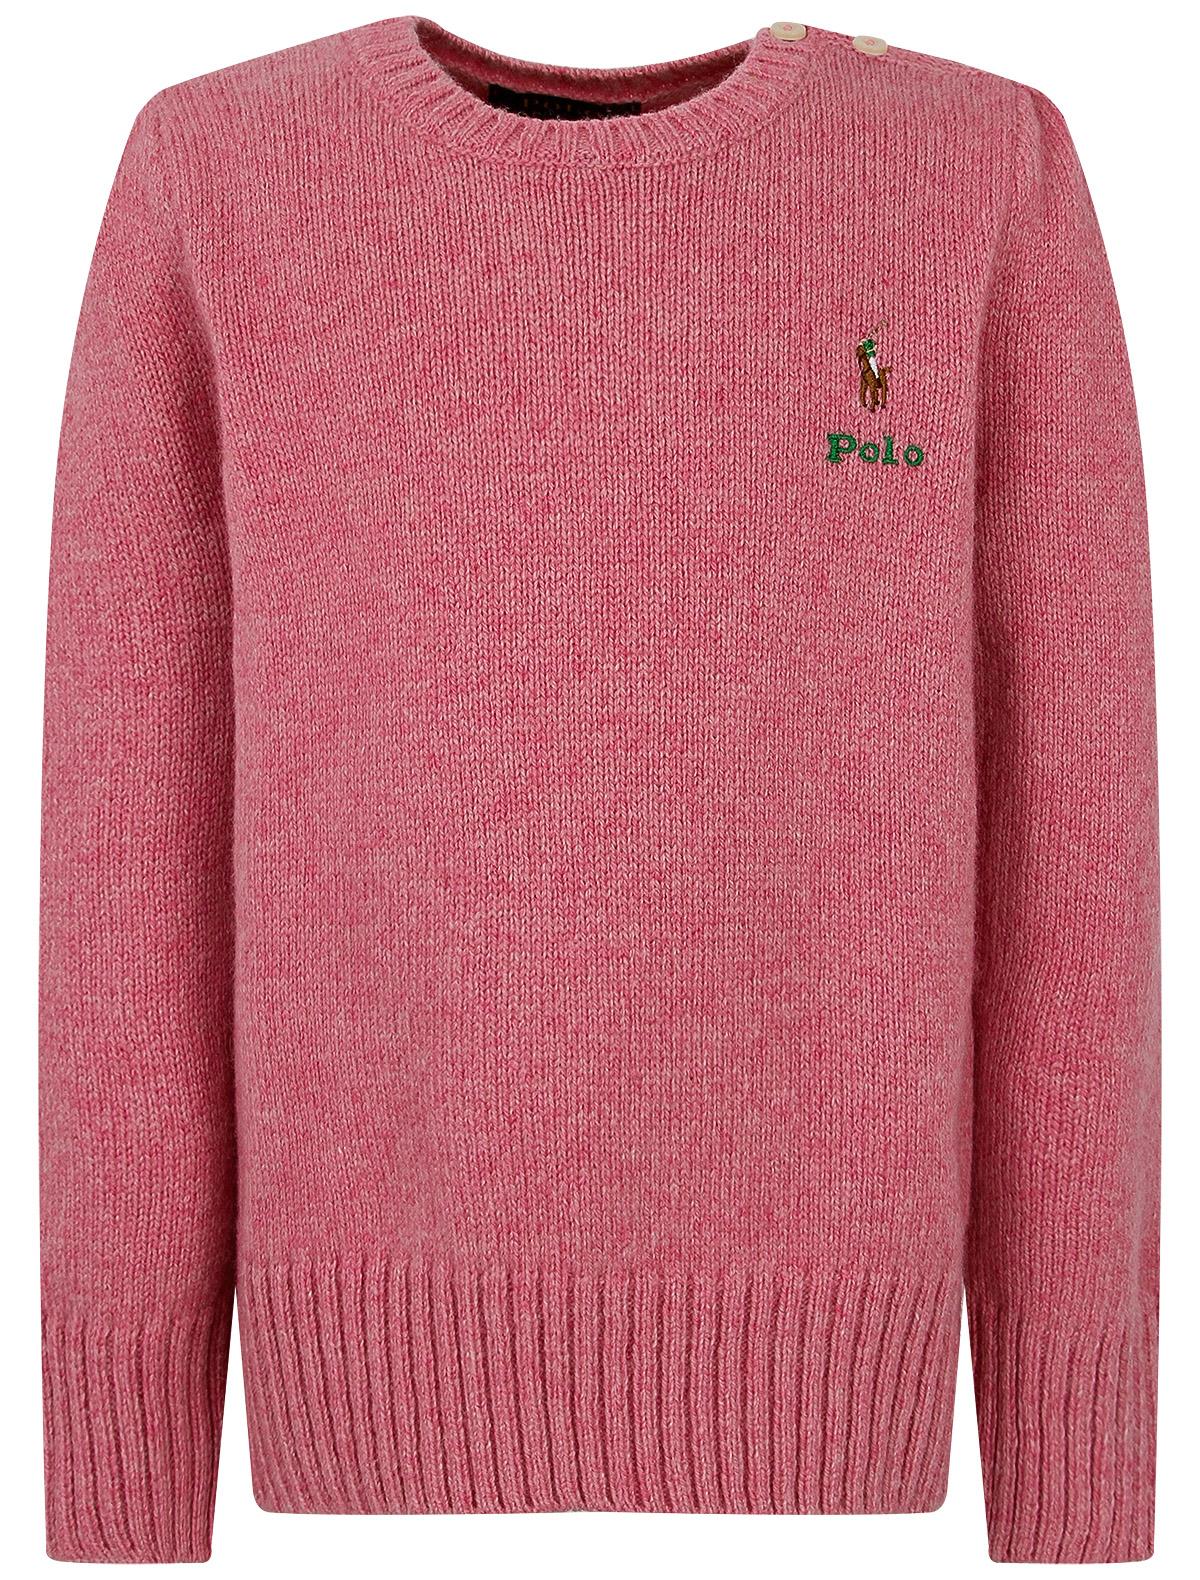 2263465, Джемпер Ralph Lauren, розовый, Женский, 1264509084575  - купить со скидкой